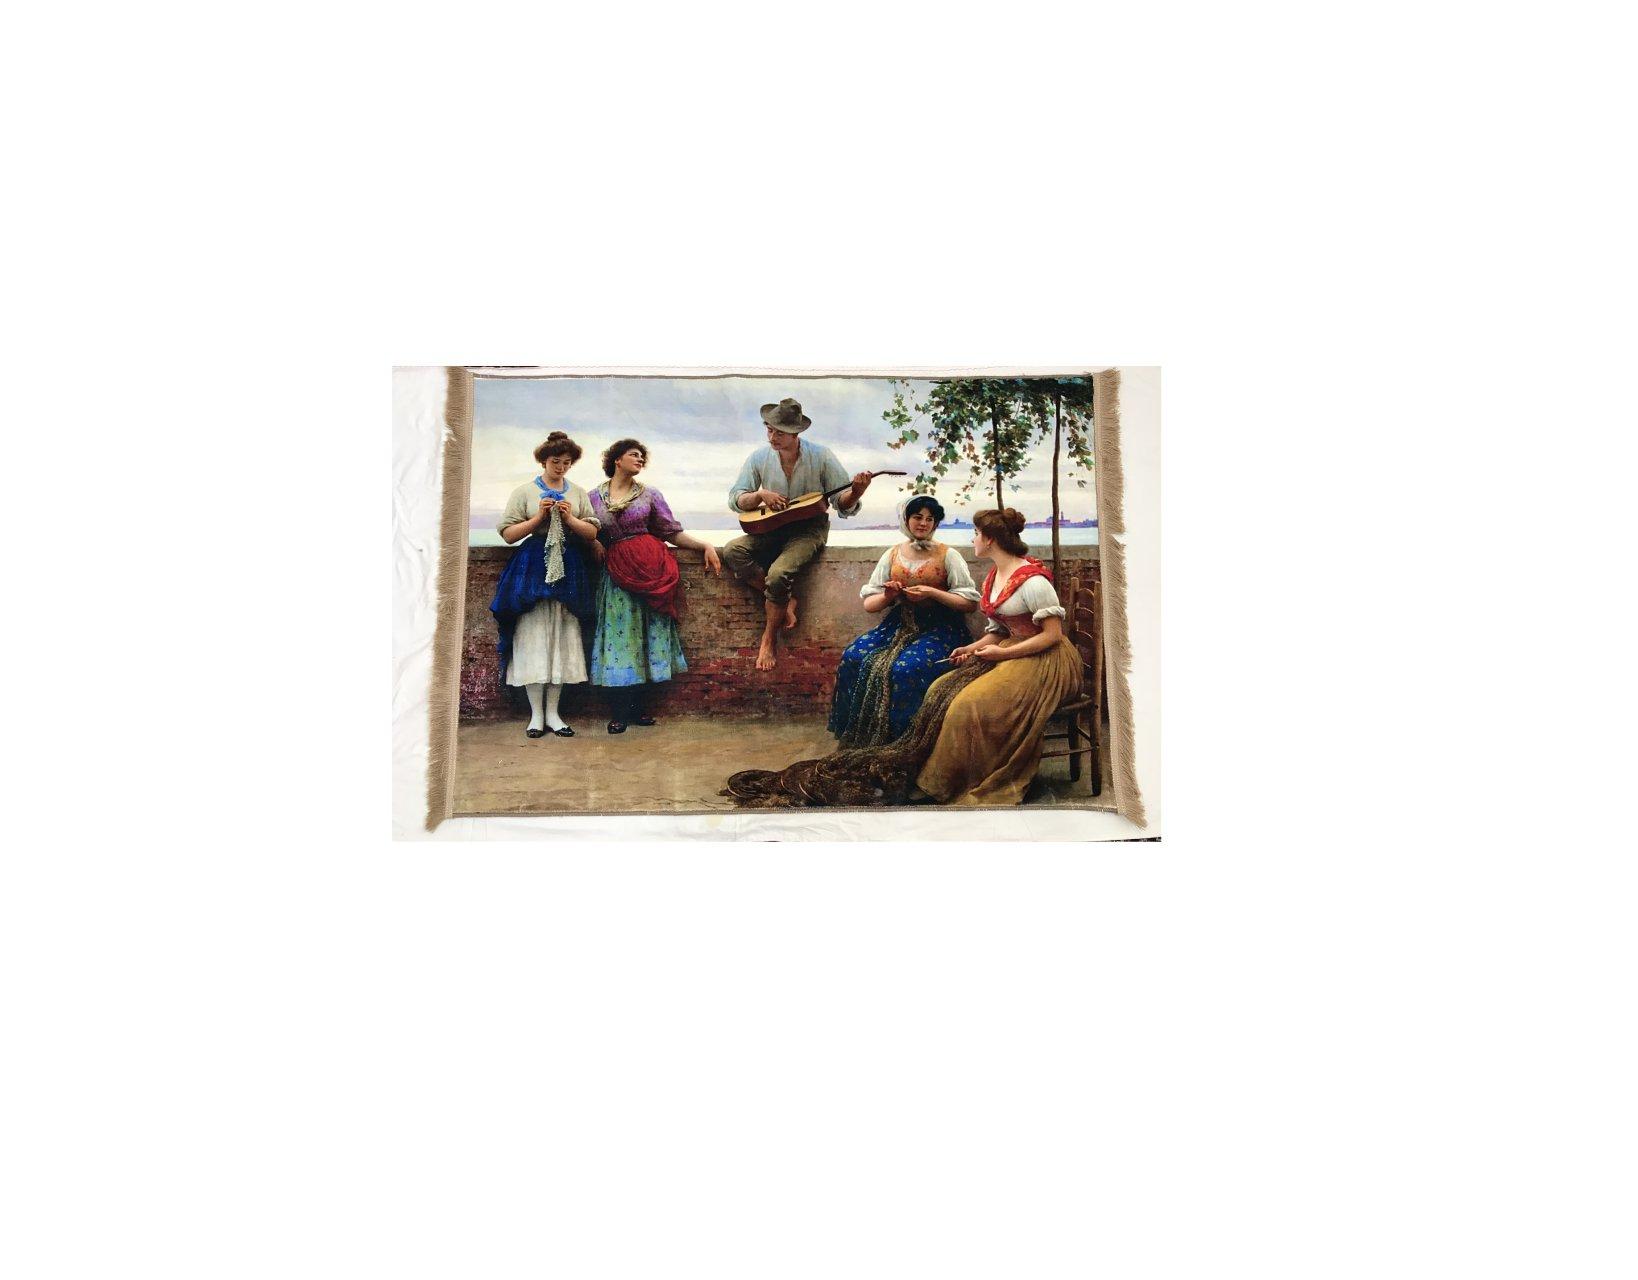 تابلو فرش چاپی مدل A017